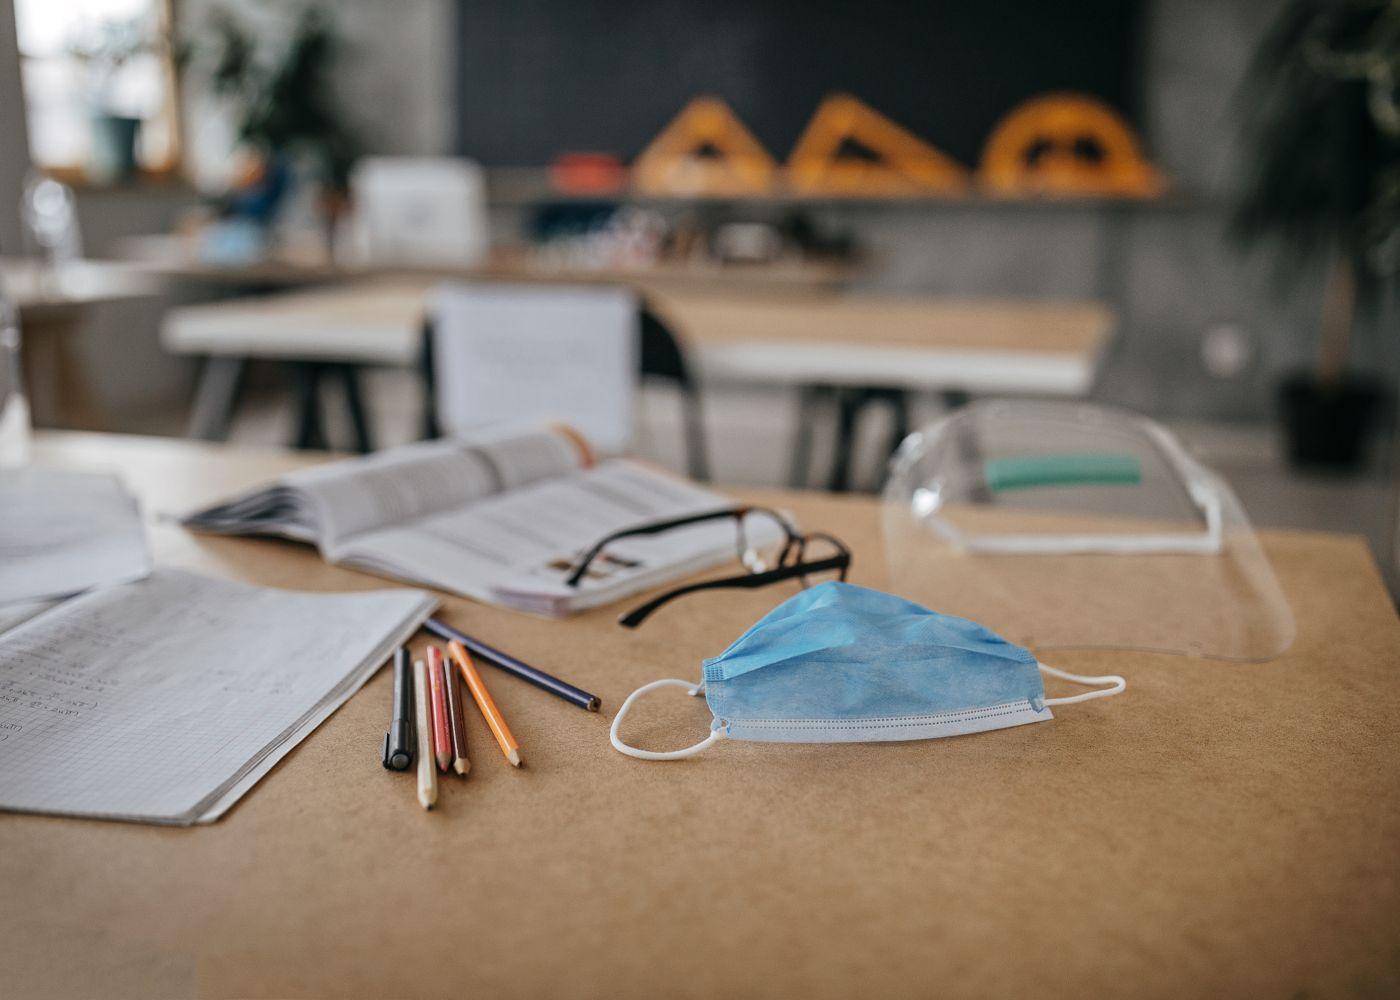 mesa de escola com livros, lápis e máscara de proteção